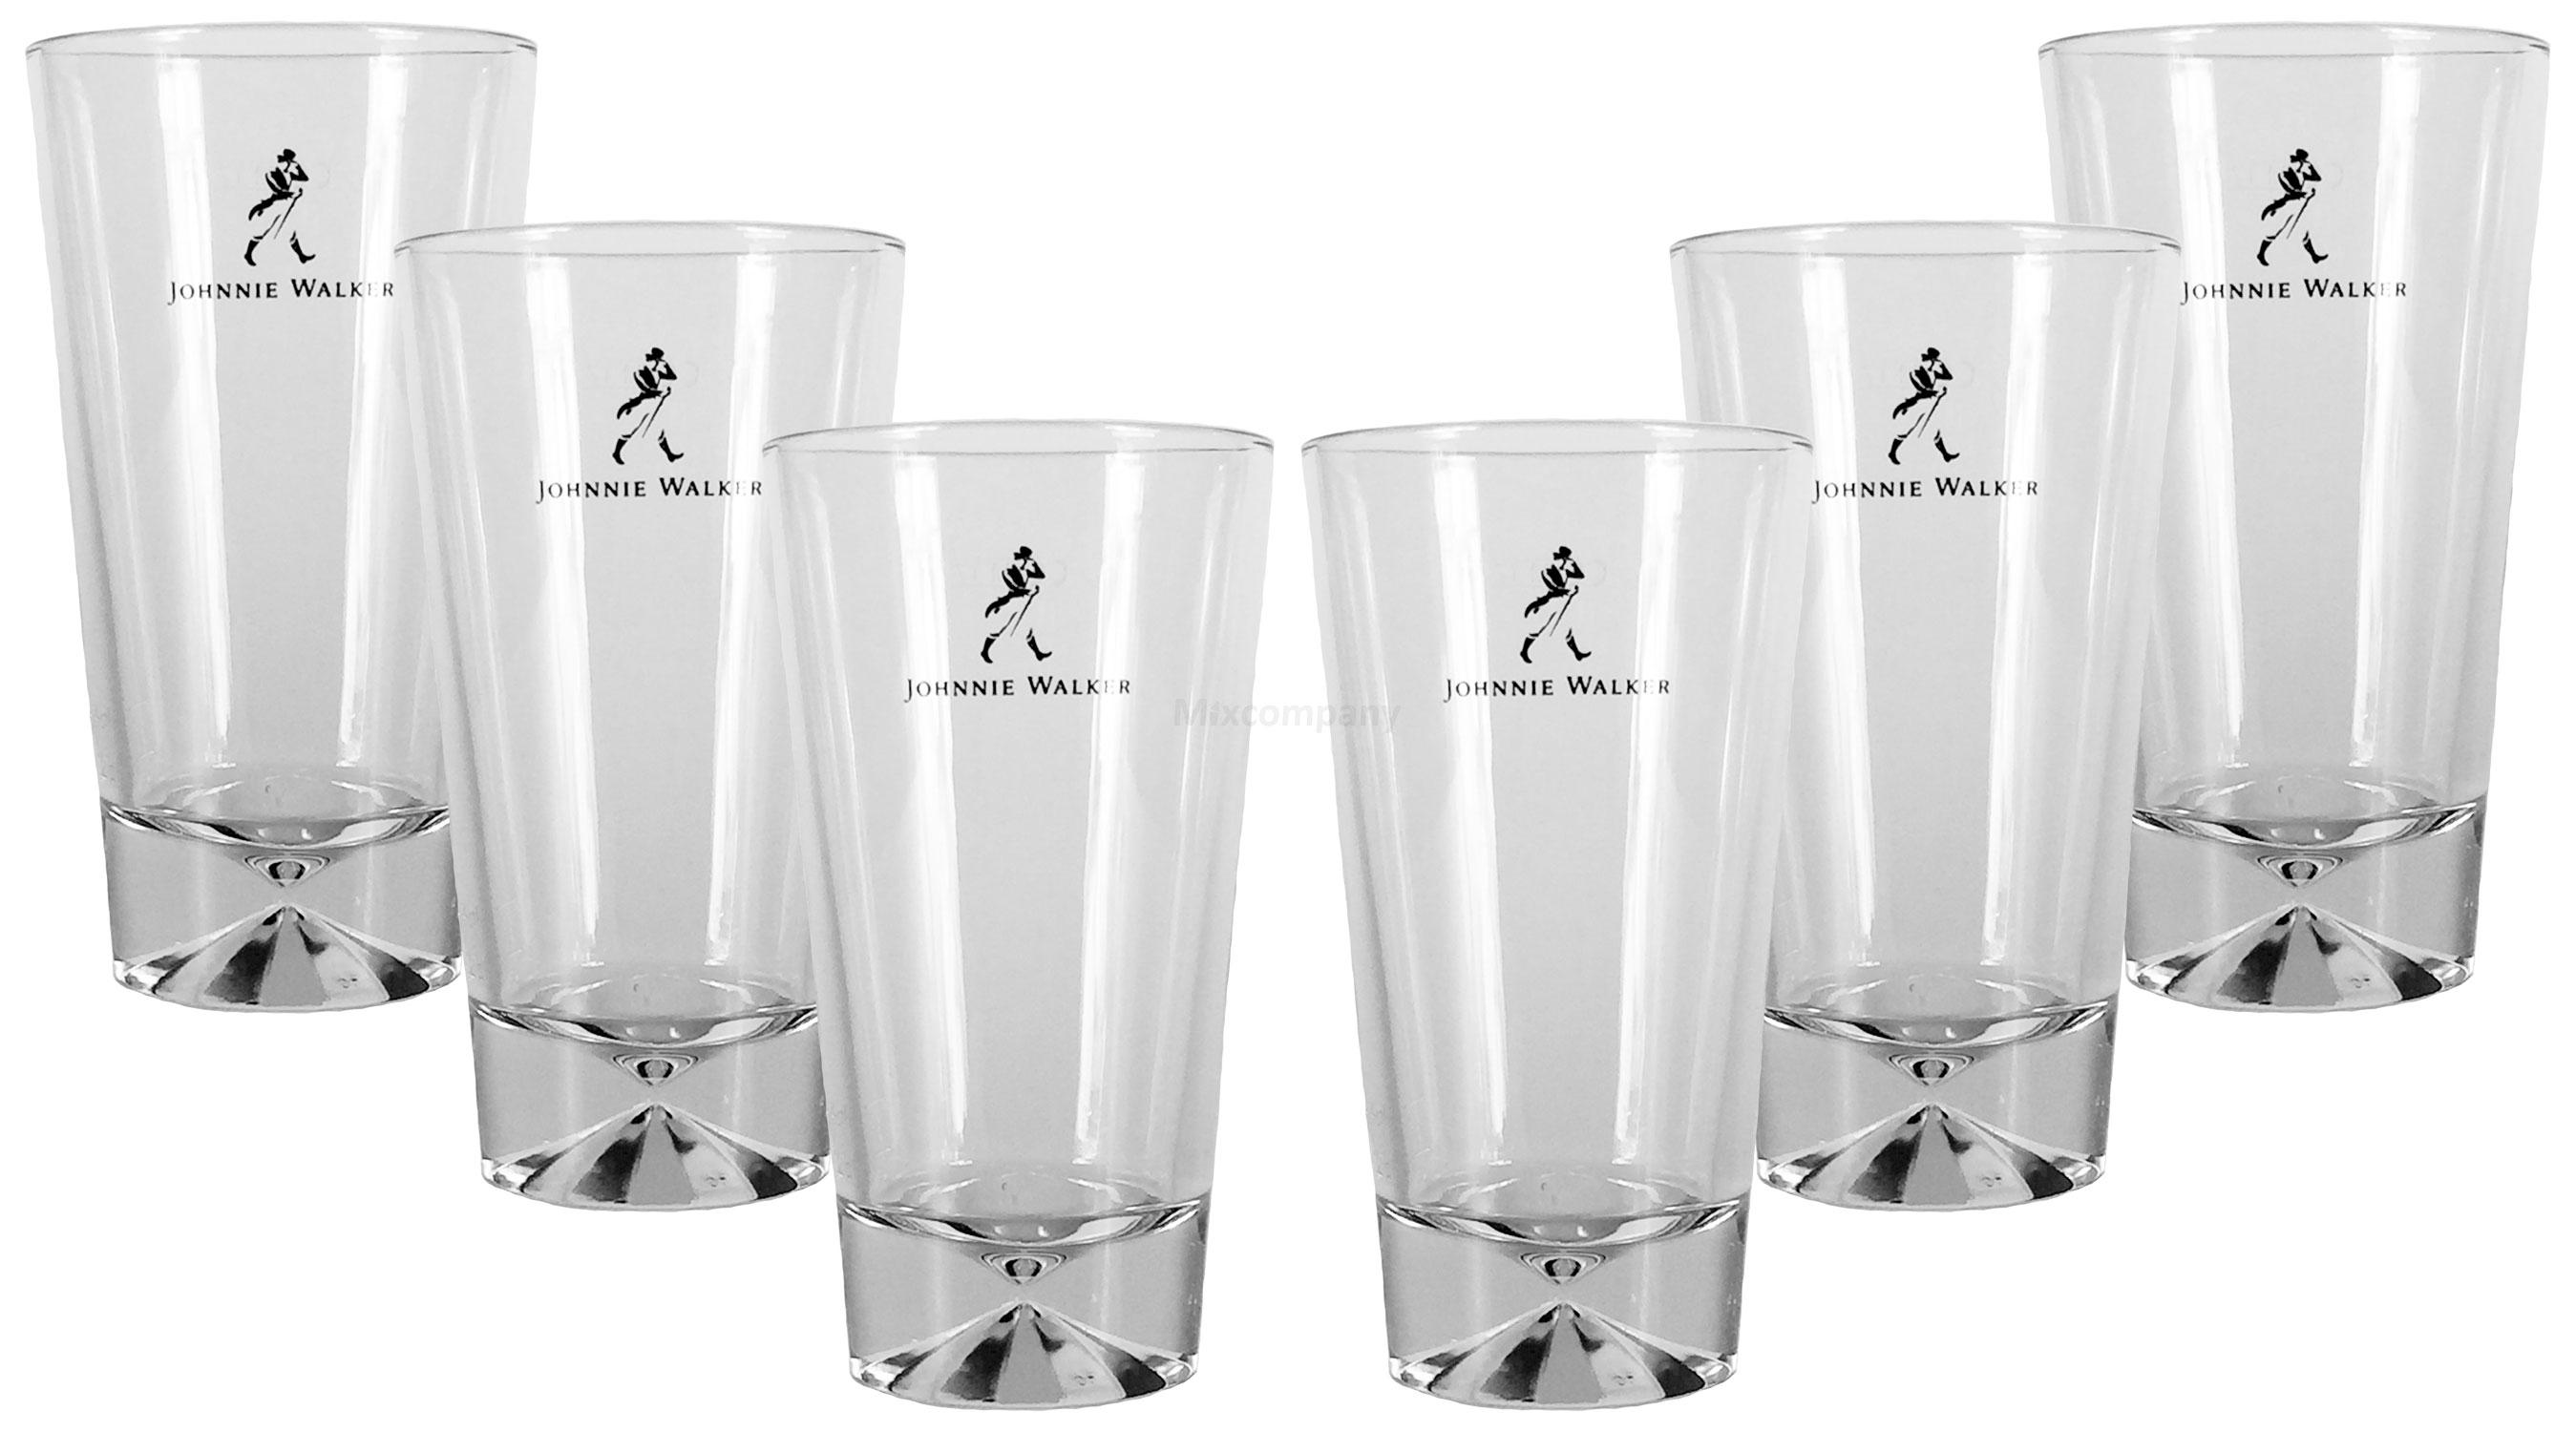 Johnnie Walker Longdrink Glas Gläser - 6er Set